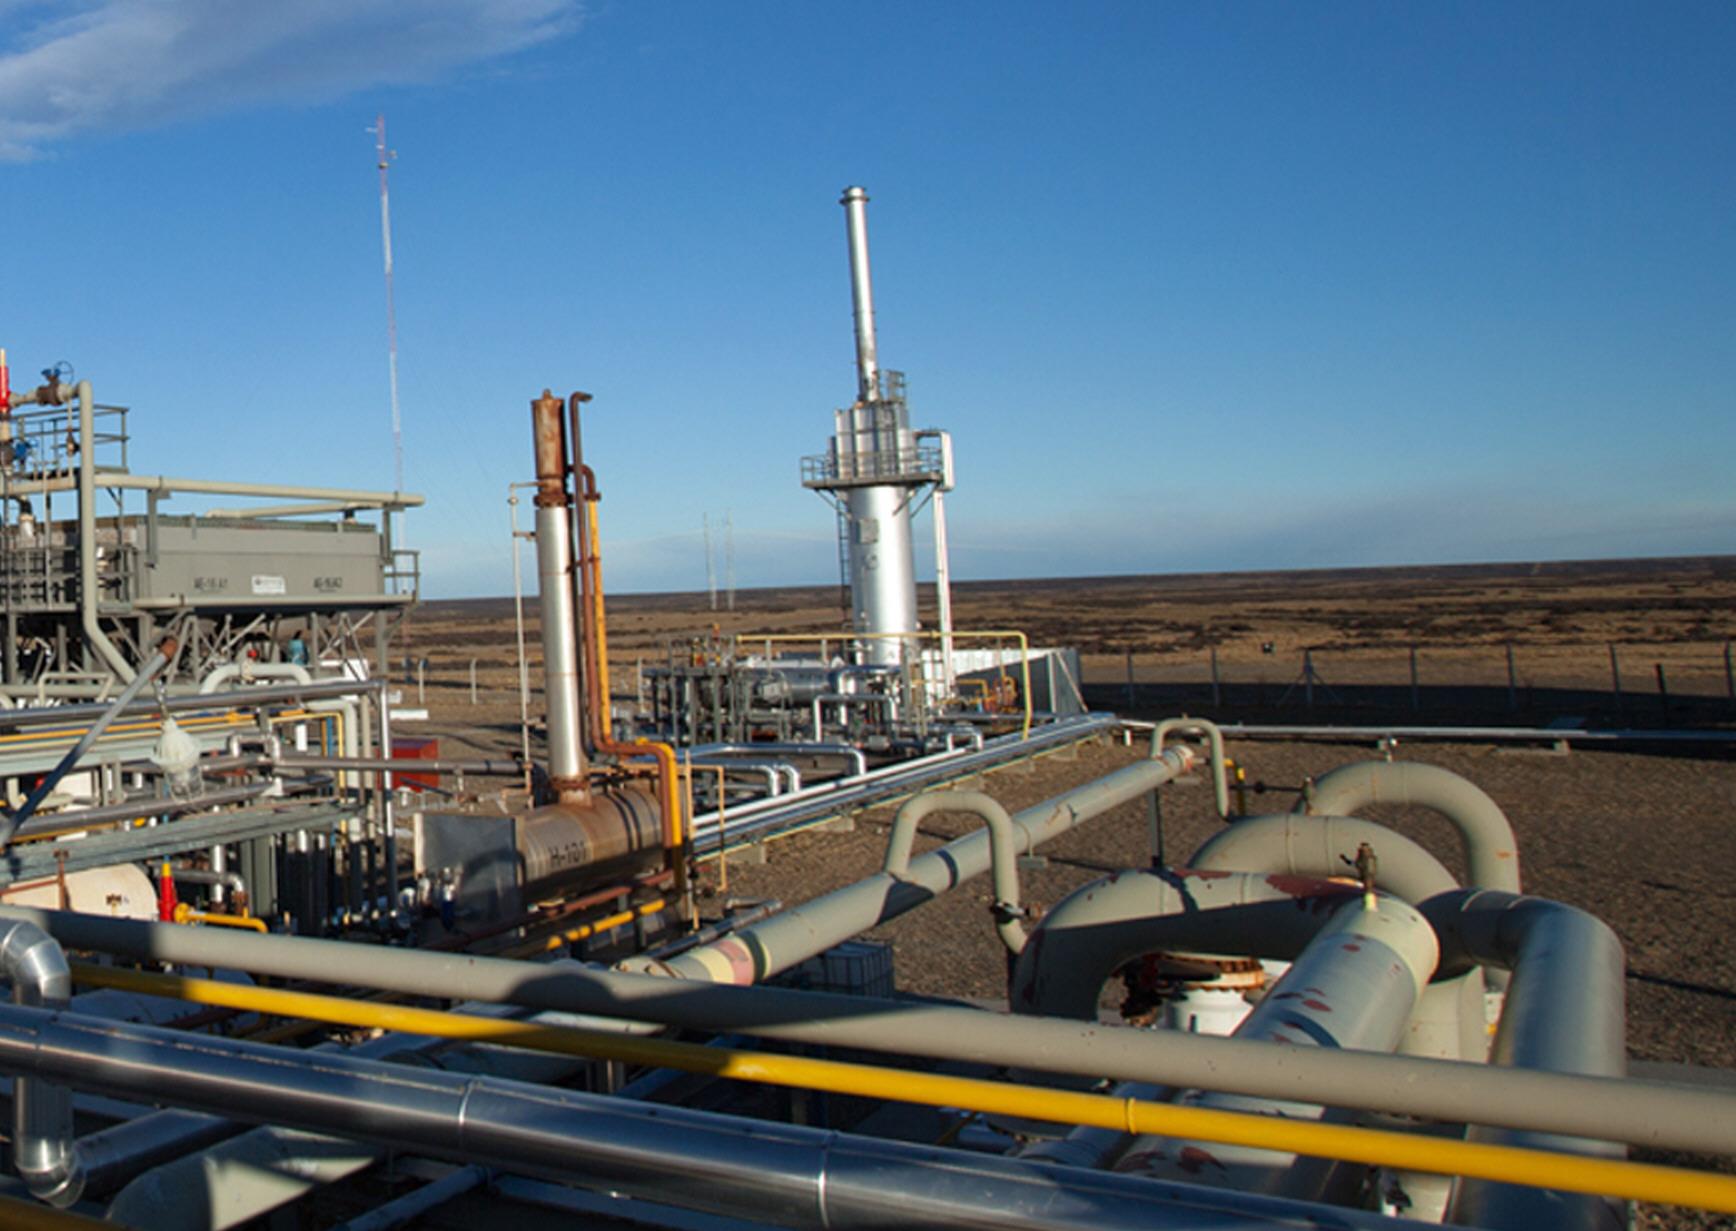 La producción de gas venía en declive y el programa de incentivo busca cambiar la curva. FOTO: ARCHIVO LOA/LOZN